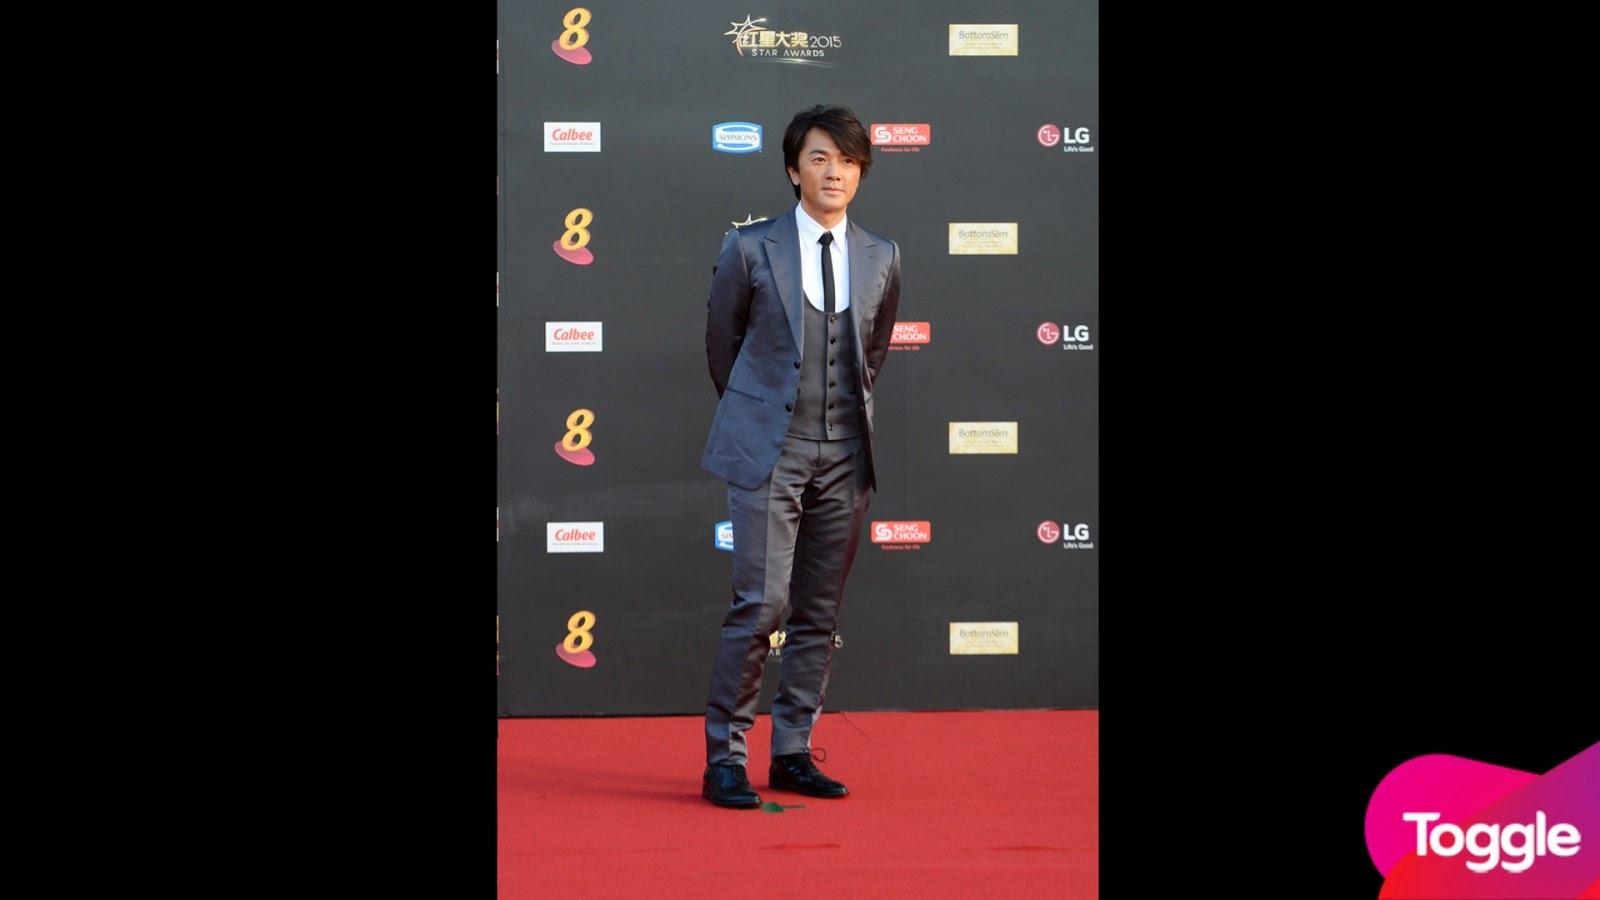 Award Show Red Carpet